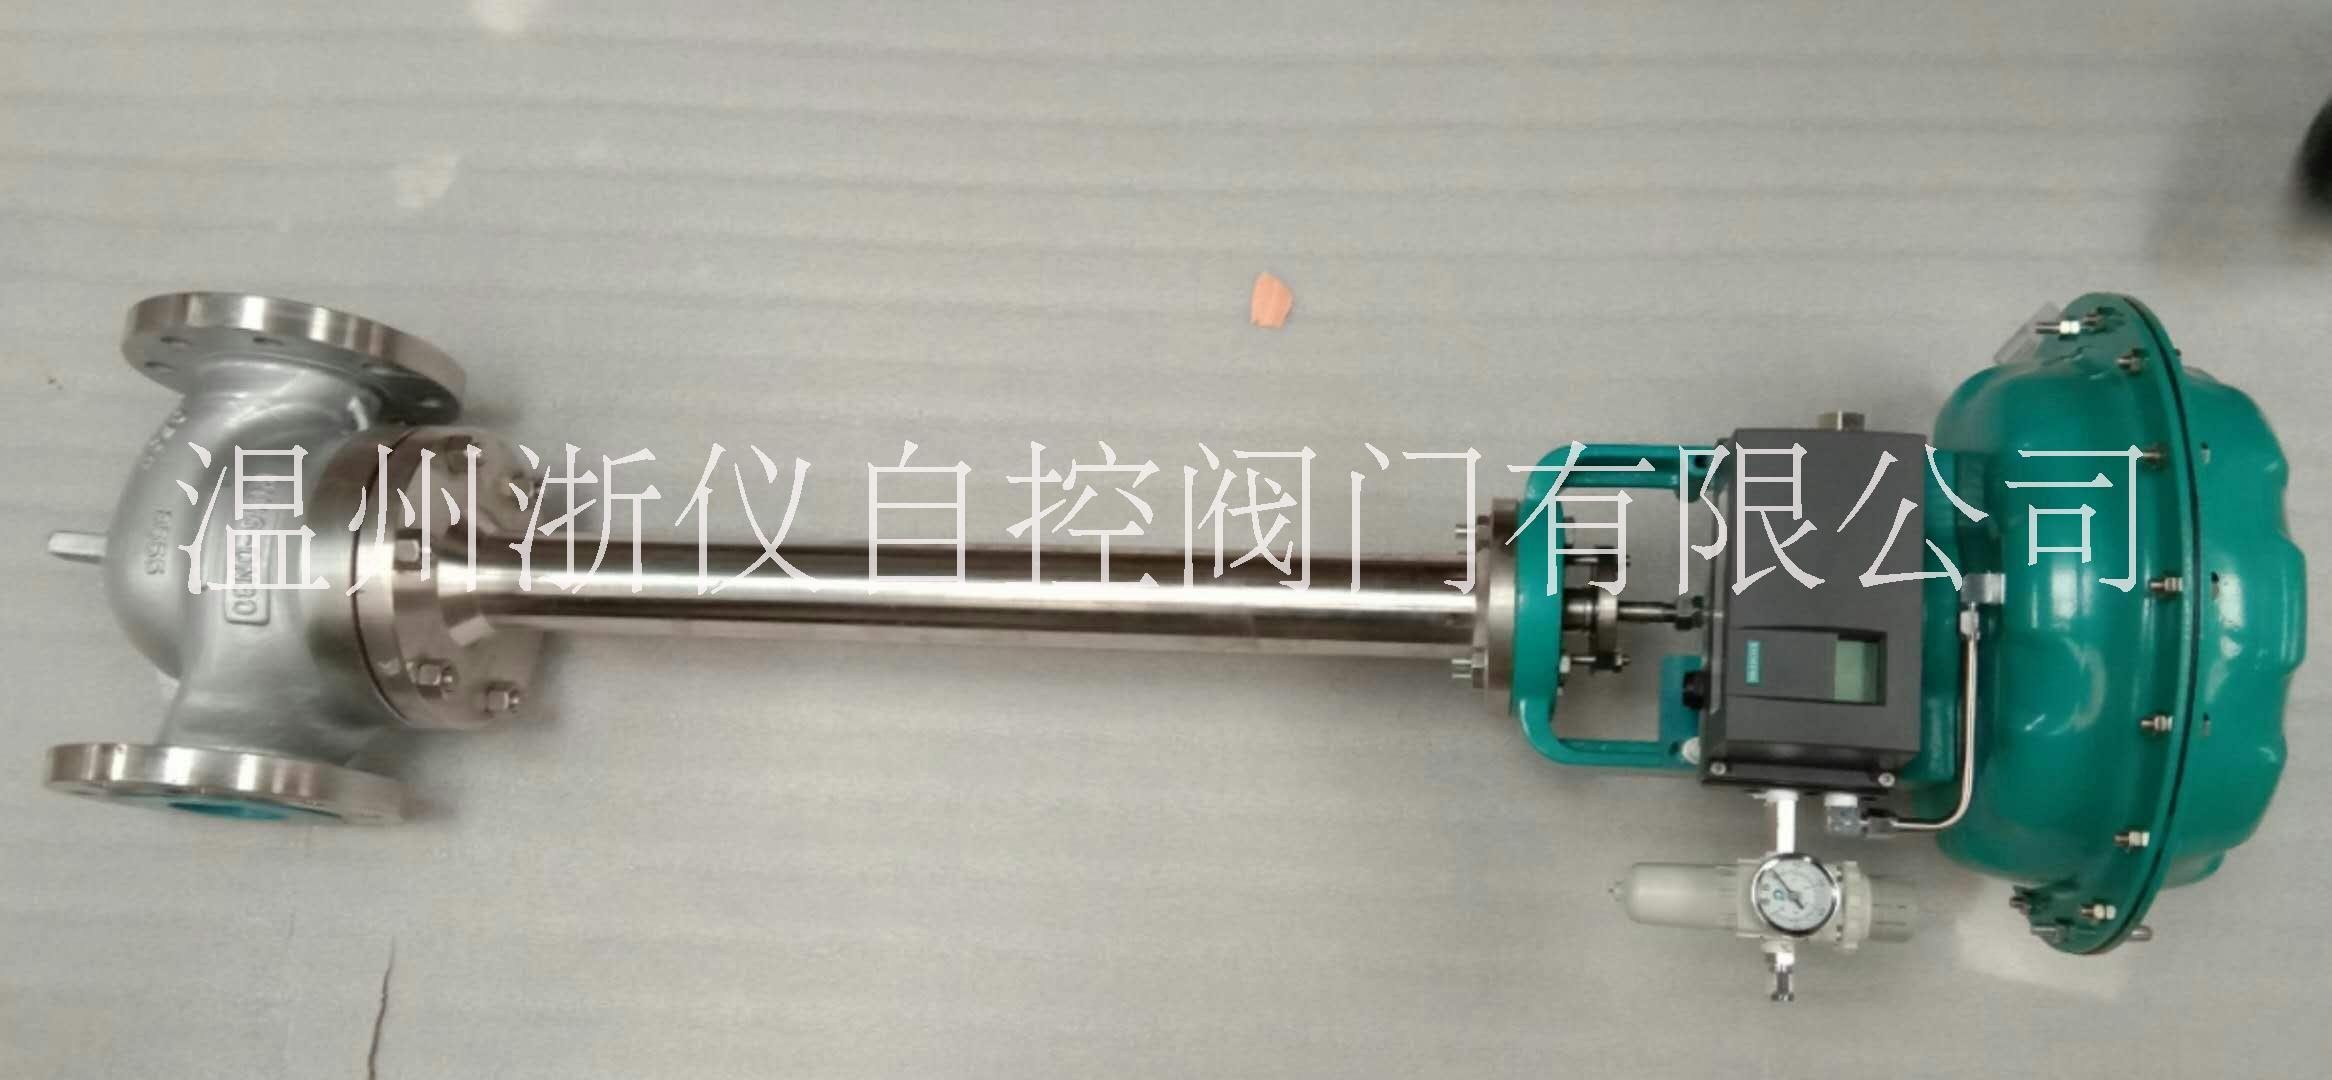 气动加长杆调节阀生产厂家,气动调节阀加工定制,浙江气动加长杆调节阀供应商,气动调节阀一手货源,气动调节阀加长杆